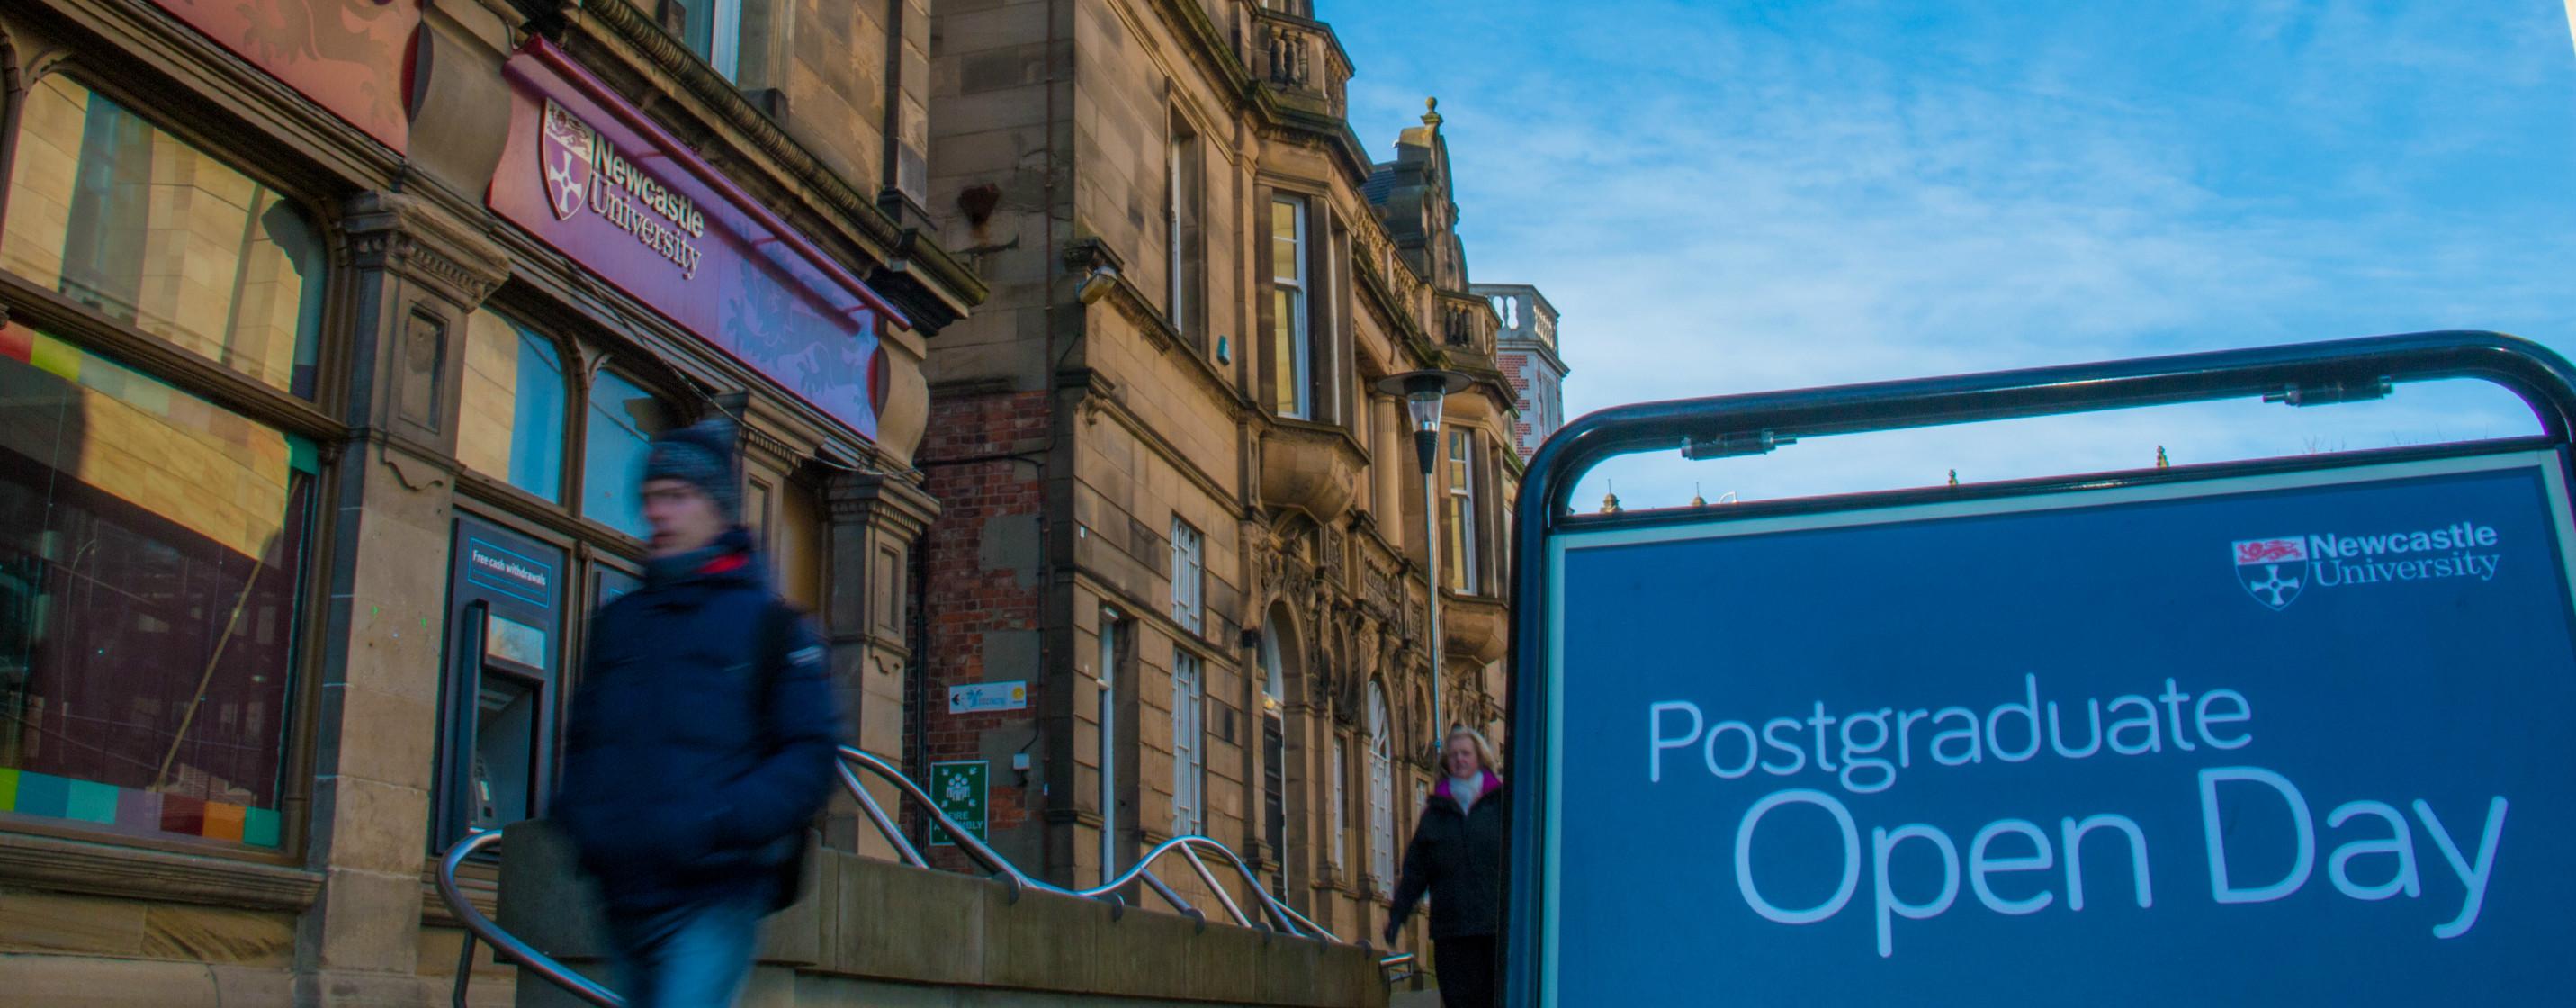 University of newcastle study abroad